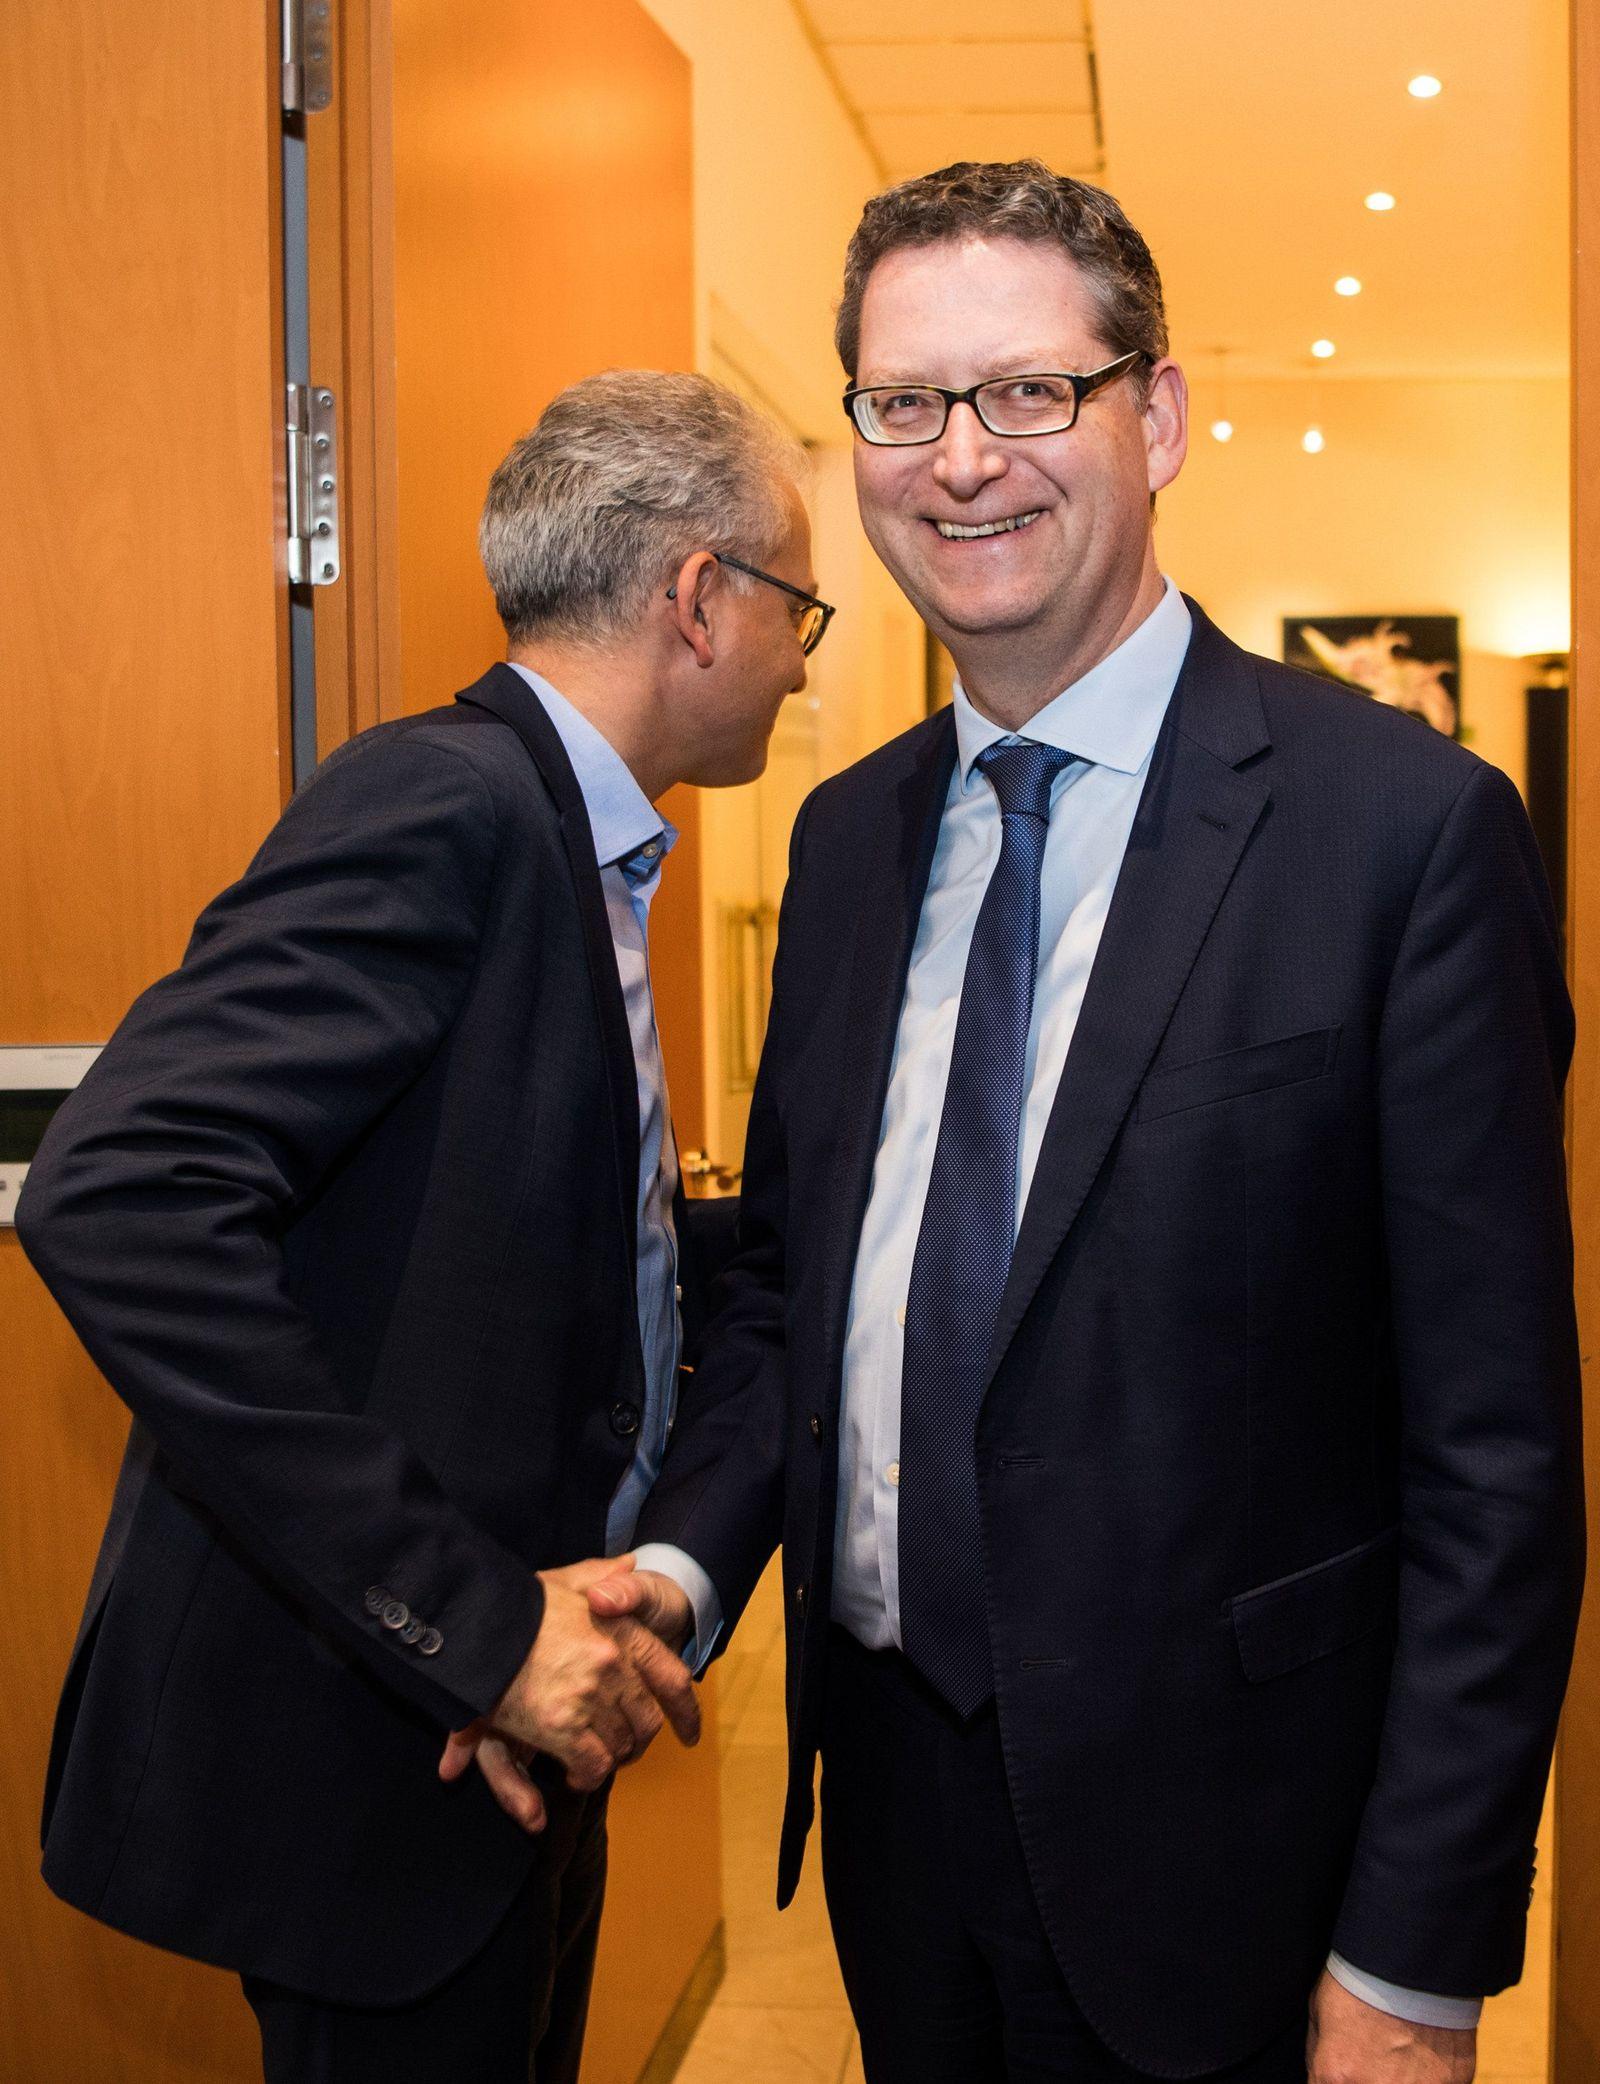 Sondierungsgespräche nach Landtagswahl in Hessen